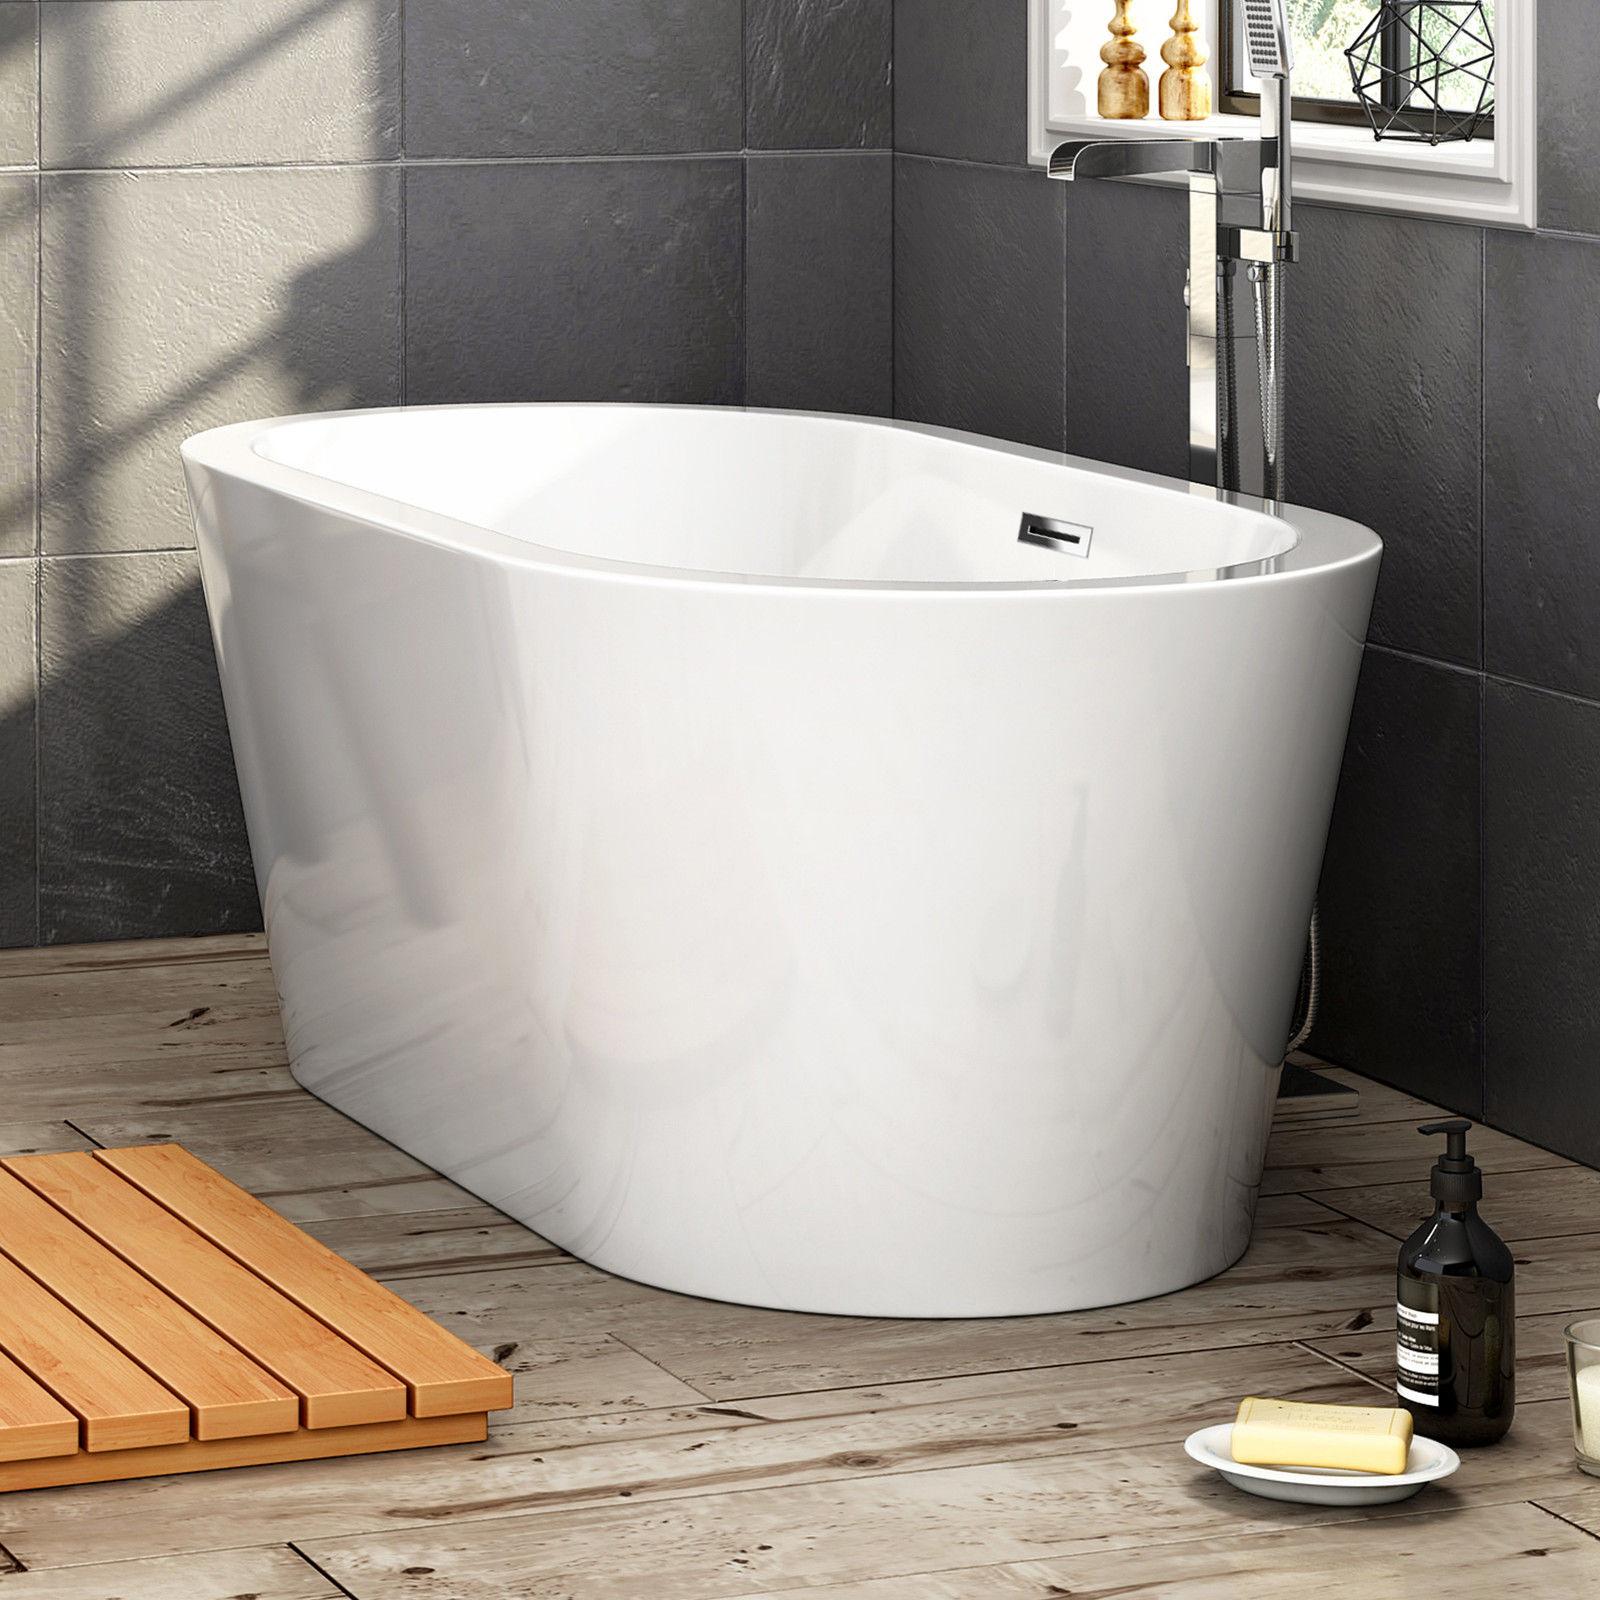 1500x800x600 Bathroom Round Freestanding Bath Tub Acrylic